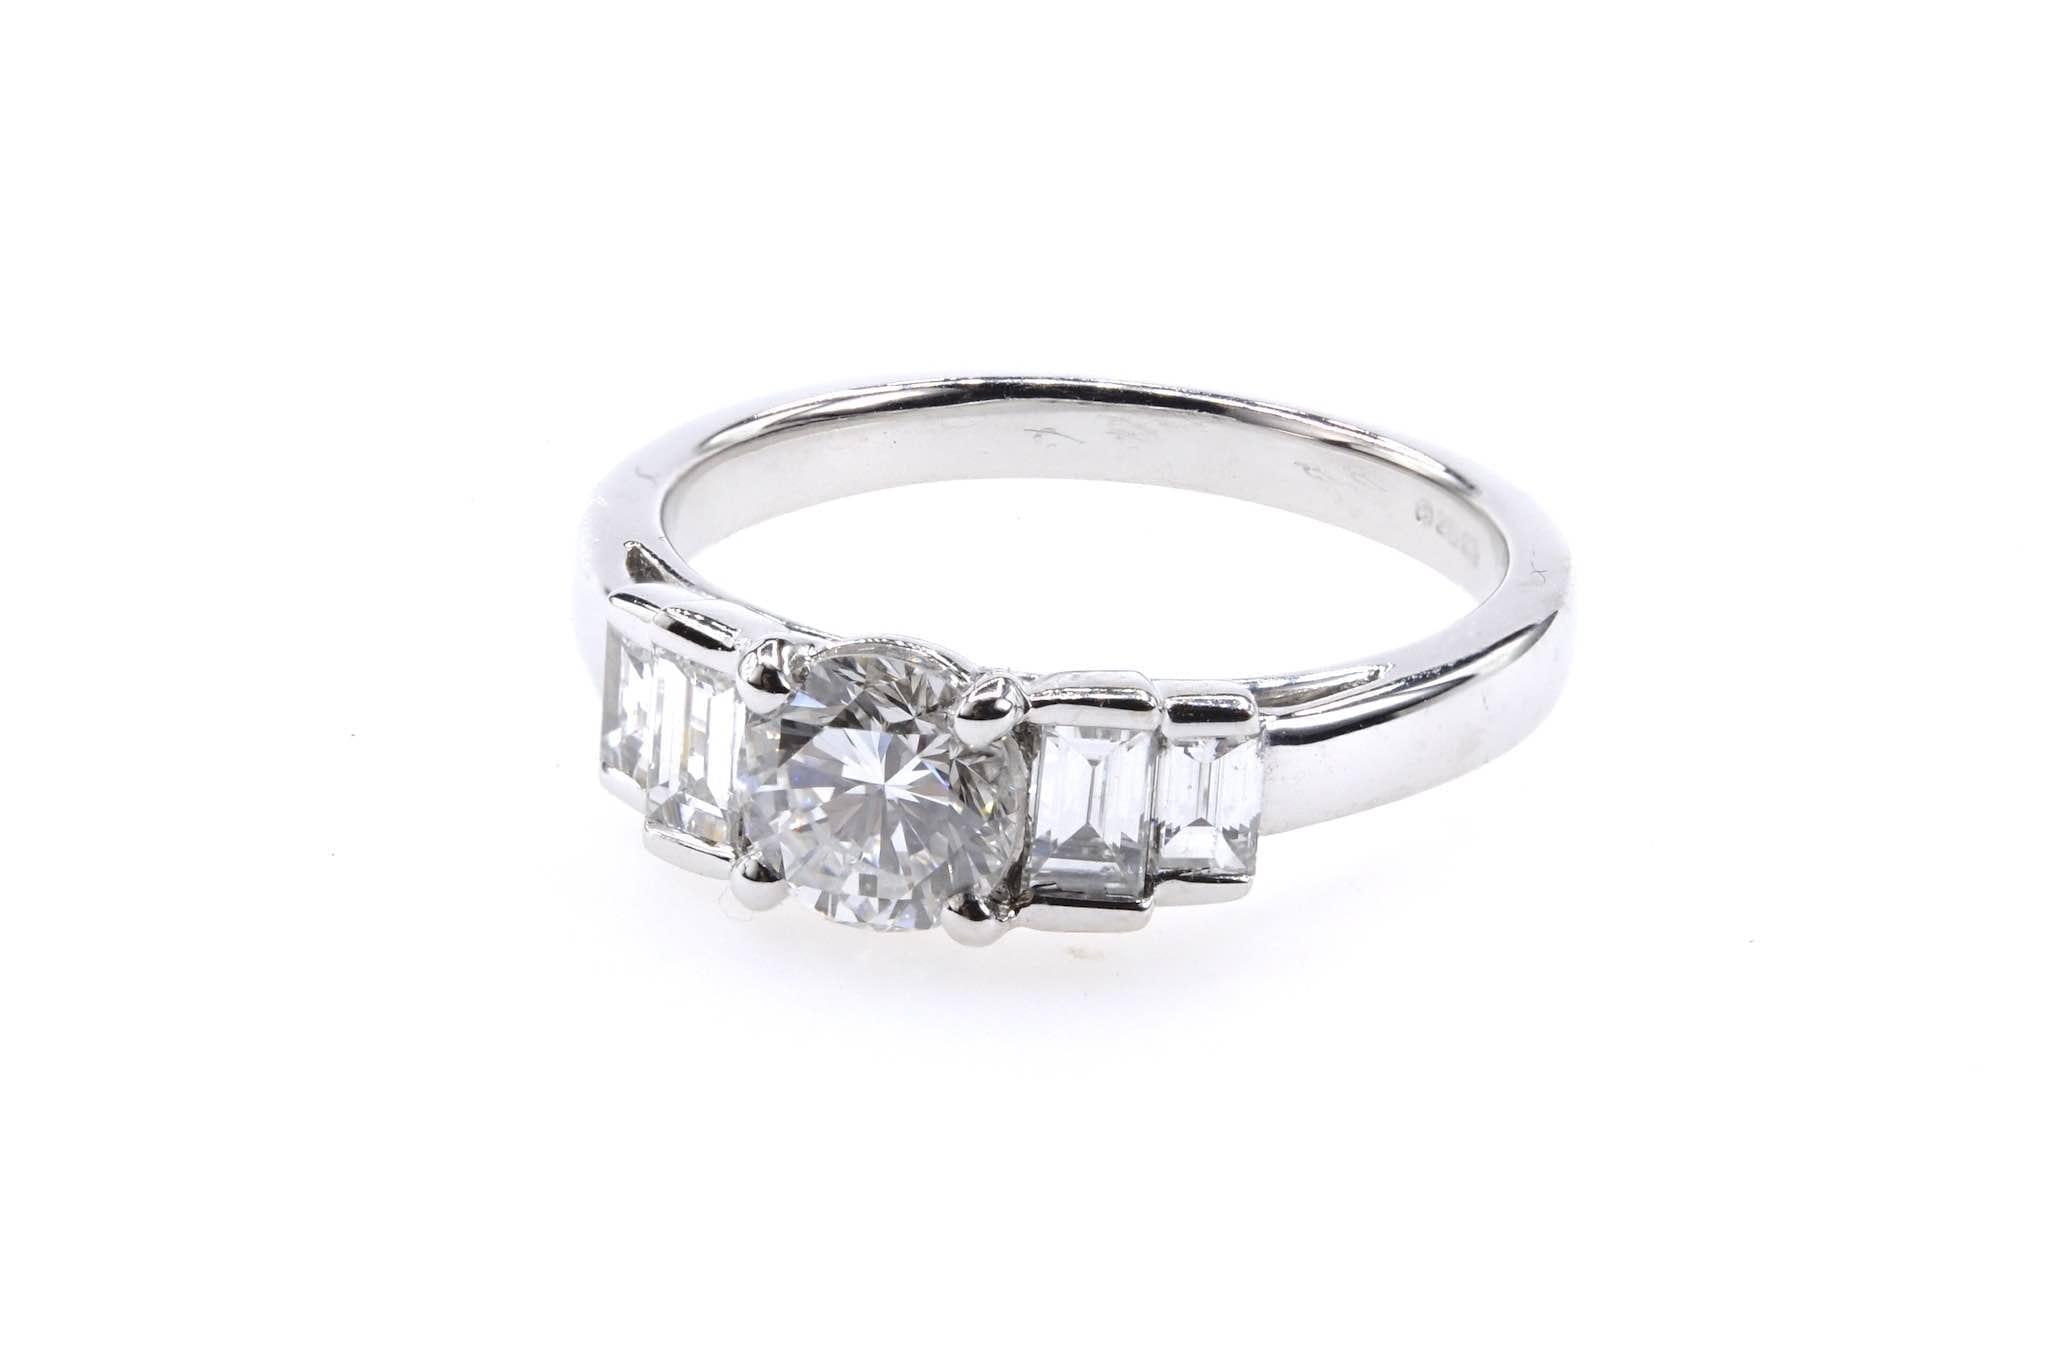 Bague diamant brillant et baguettes en or blanc 18k